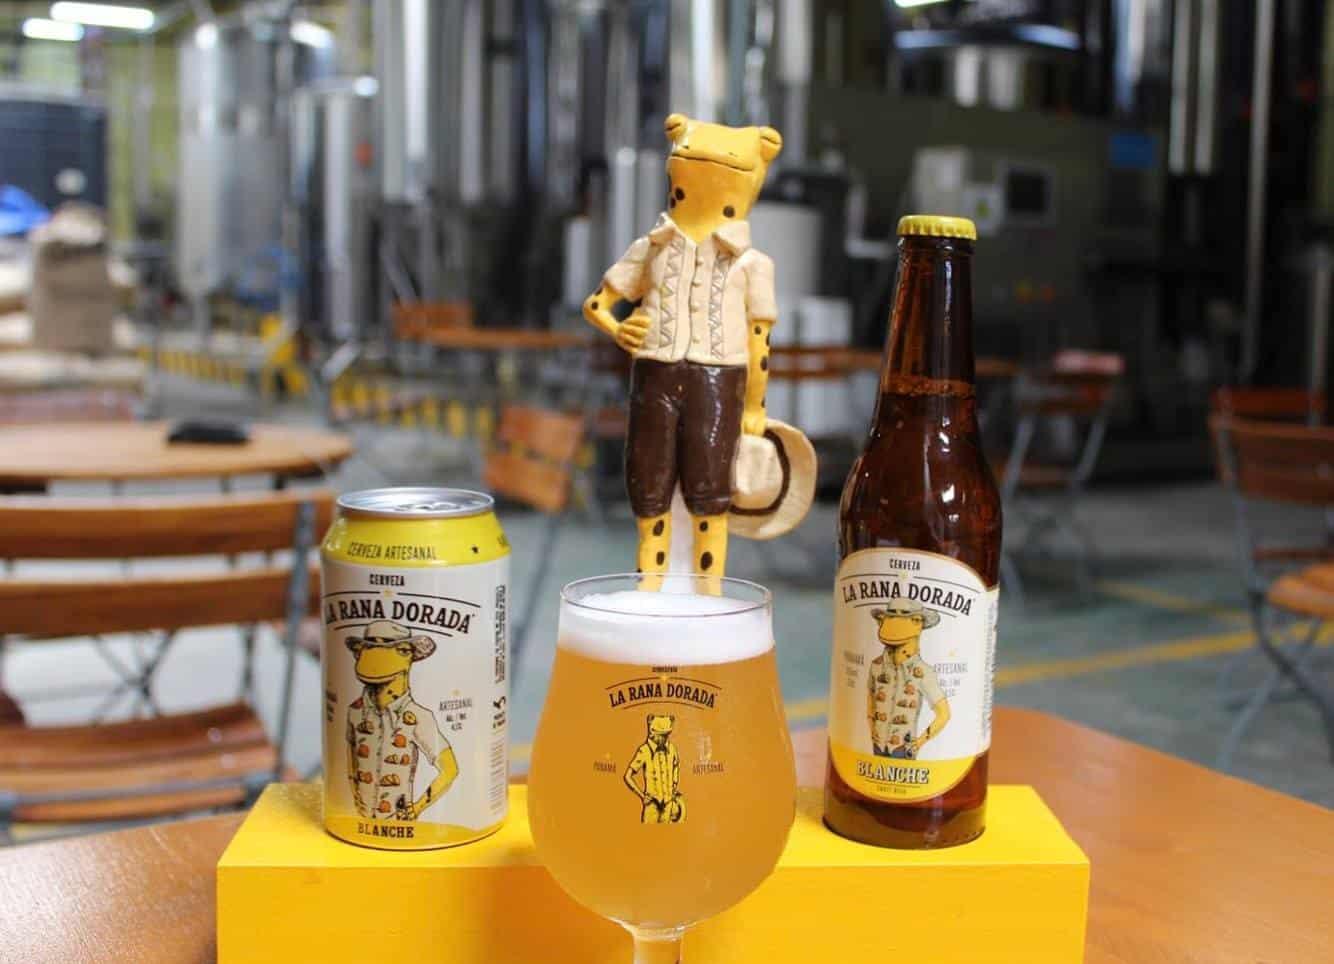 Las cervezas La Rana Dorada se venden en latas, botellas y vasos.